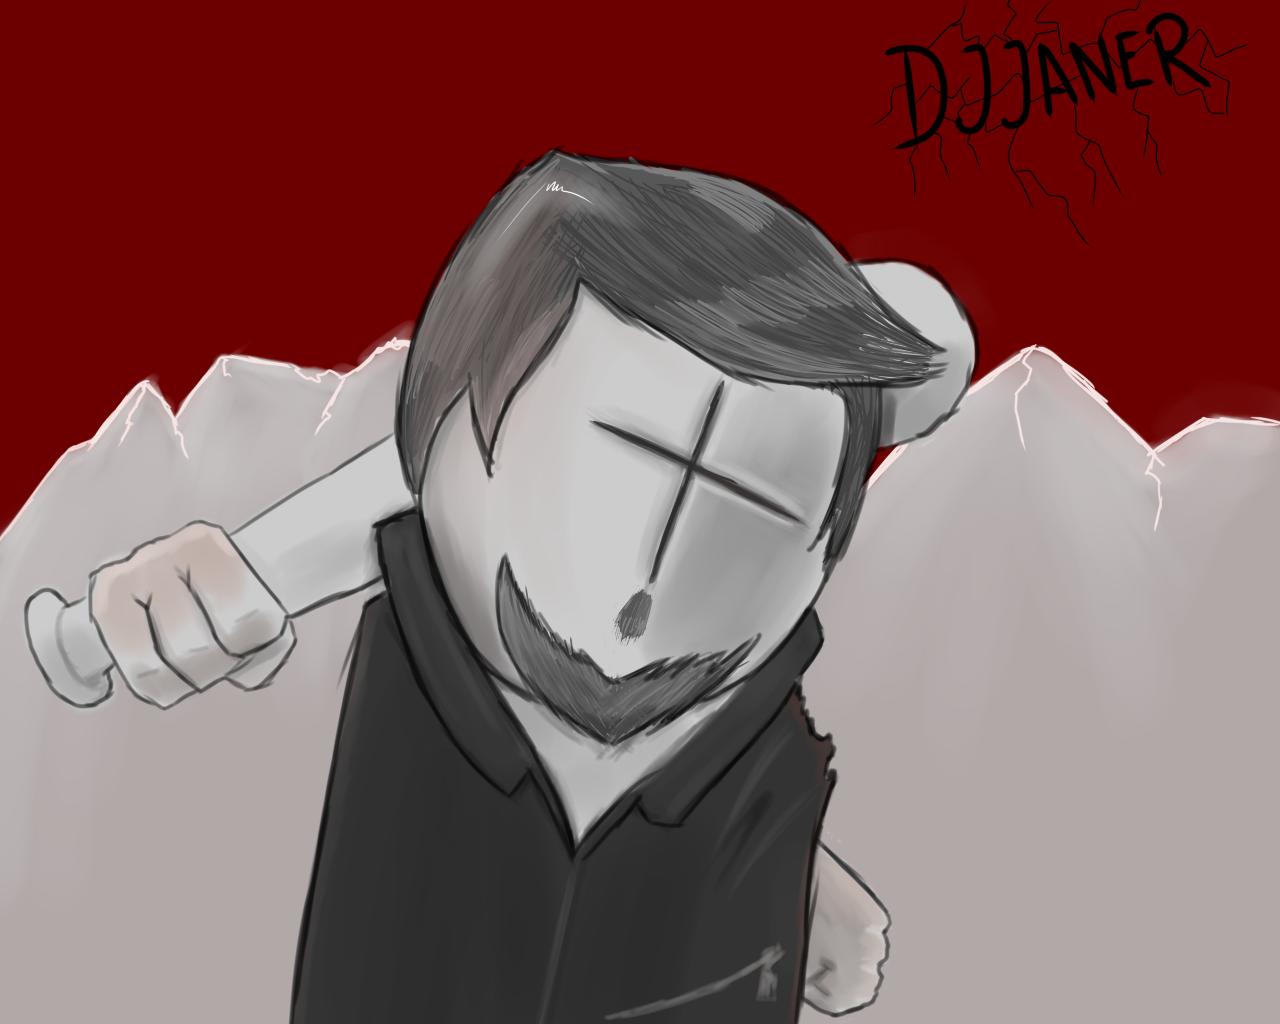 DJJANER